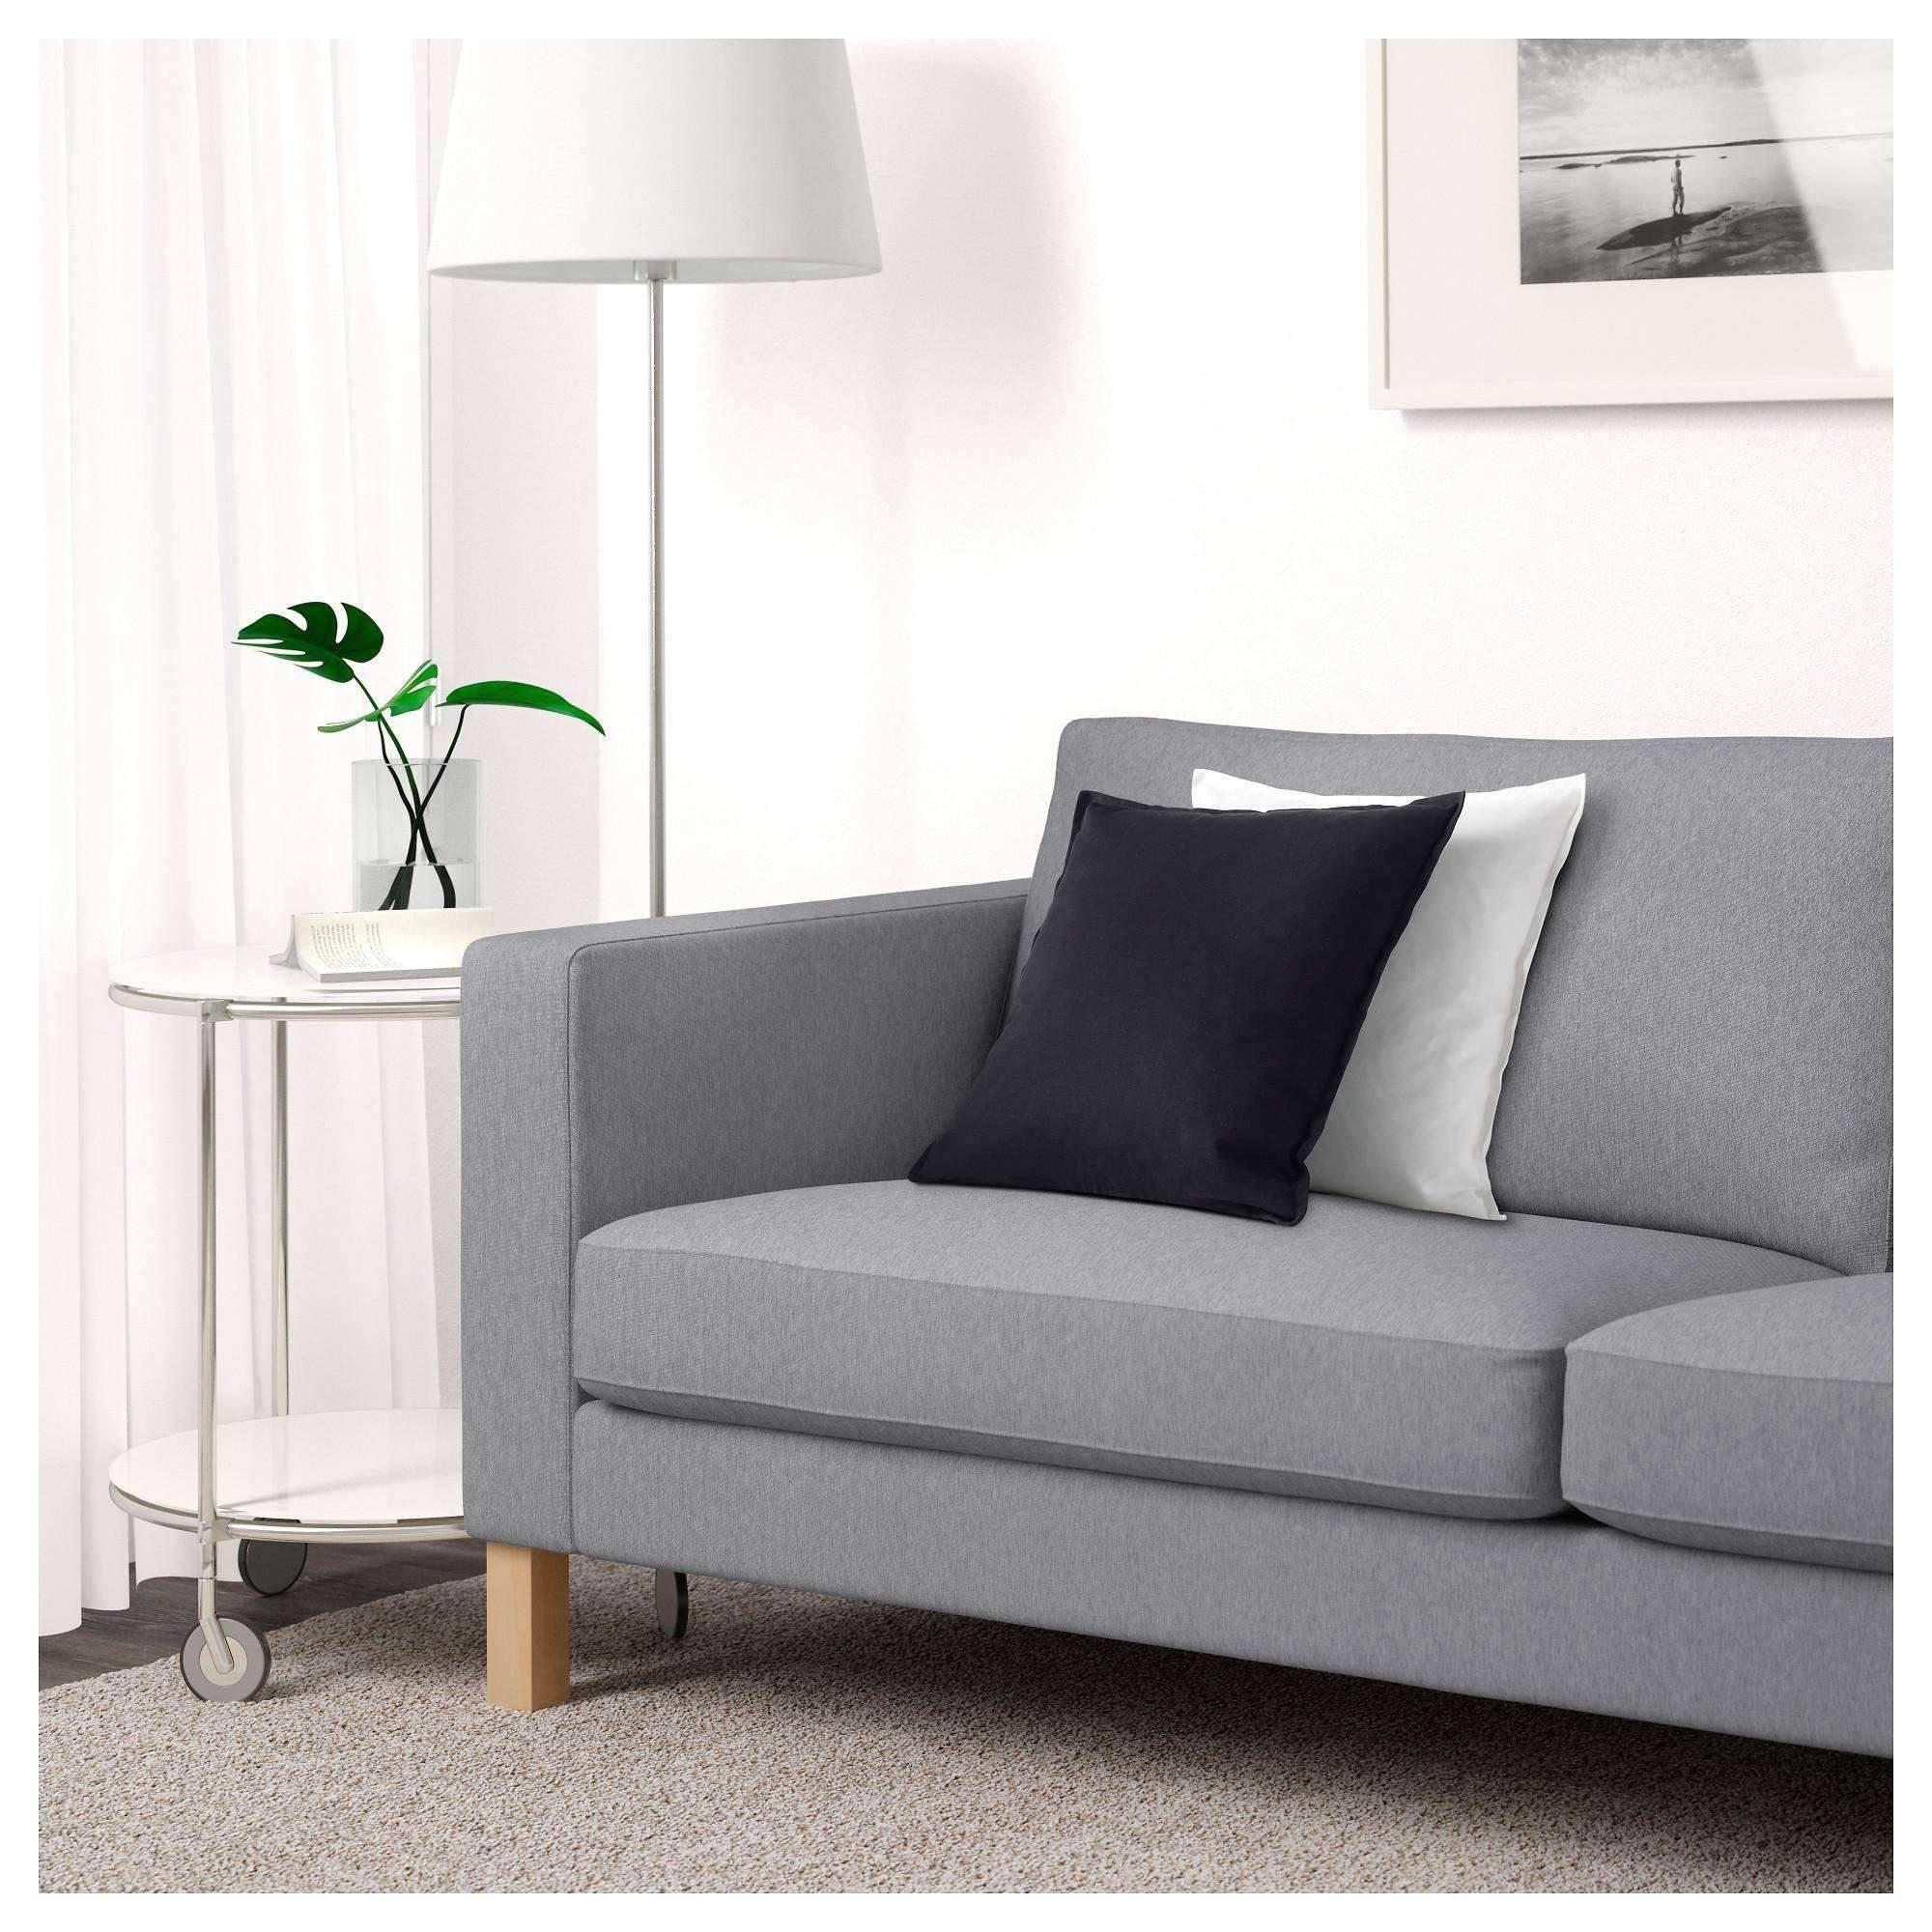 Full Size of Ikea Wohnzimmer Lampe Lampen Das Beste Von 50 Oben Badezimmer Miniküche Deckenlampe Esstisch Deckenleuchten Deckenleuchte Stehlampe Schlafzimmer Landhausstil Wohnzimmer Ikea Wohnzimmer Lampe